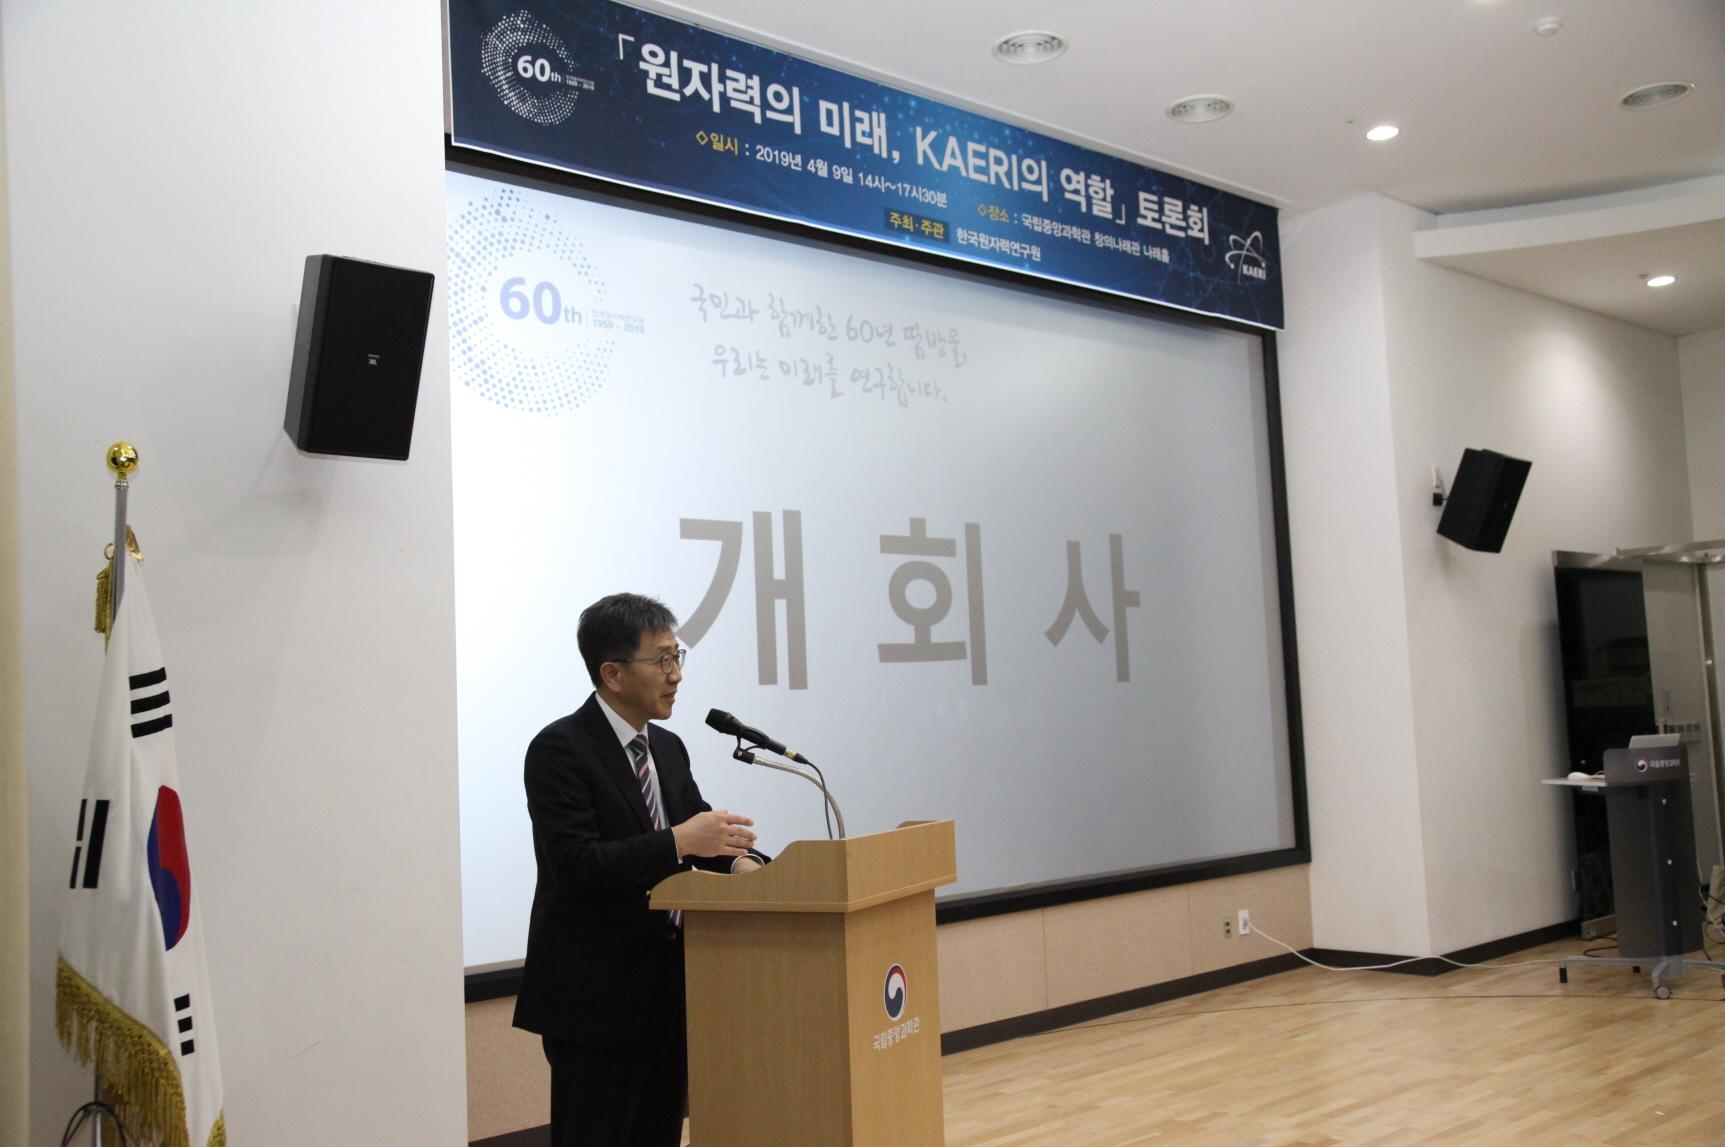 사진1 개회사를 하는 박원석 한국원자력연구원장